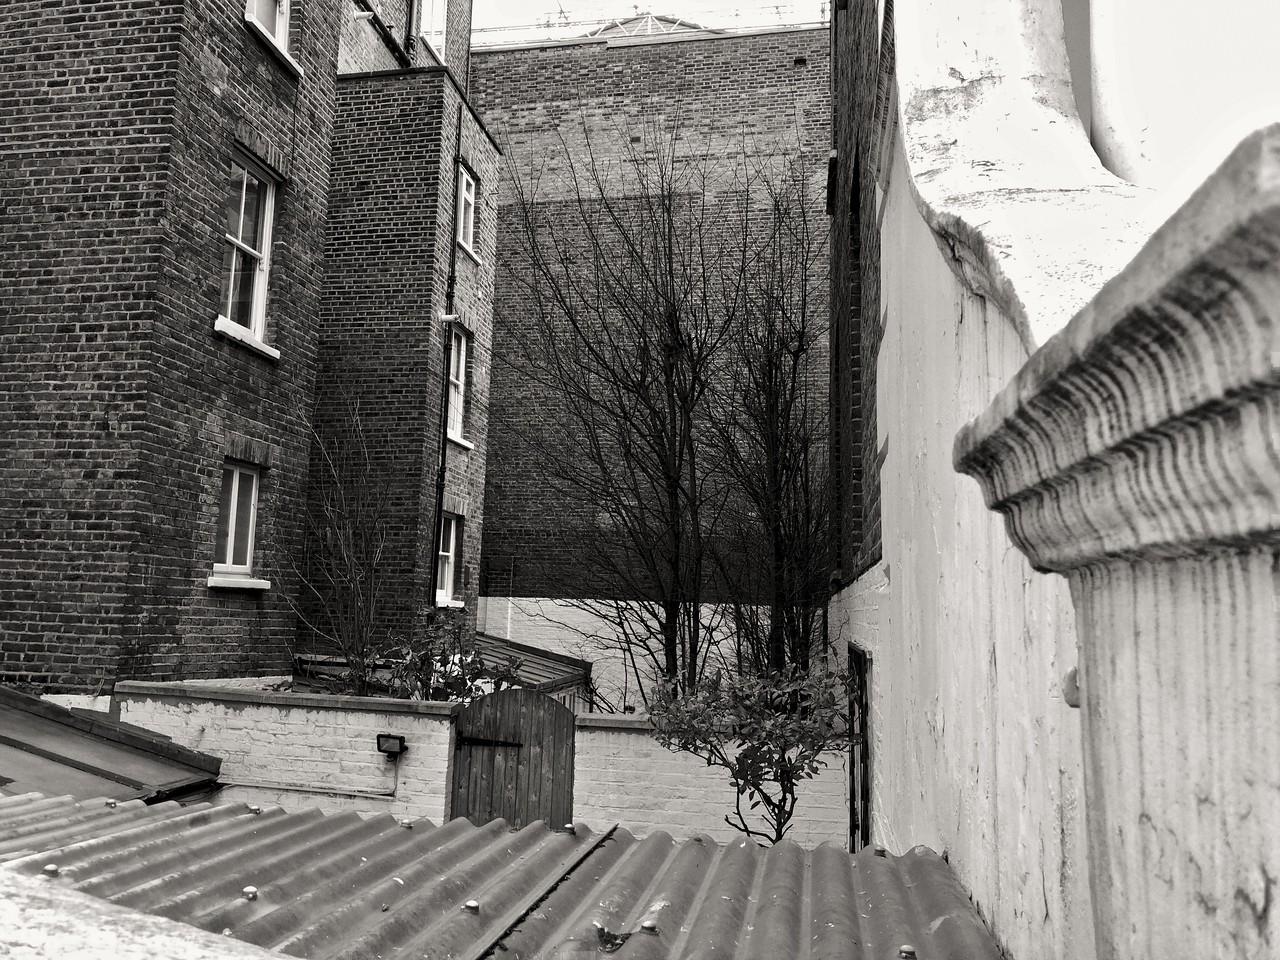 Behind houses in Chelsea